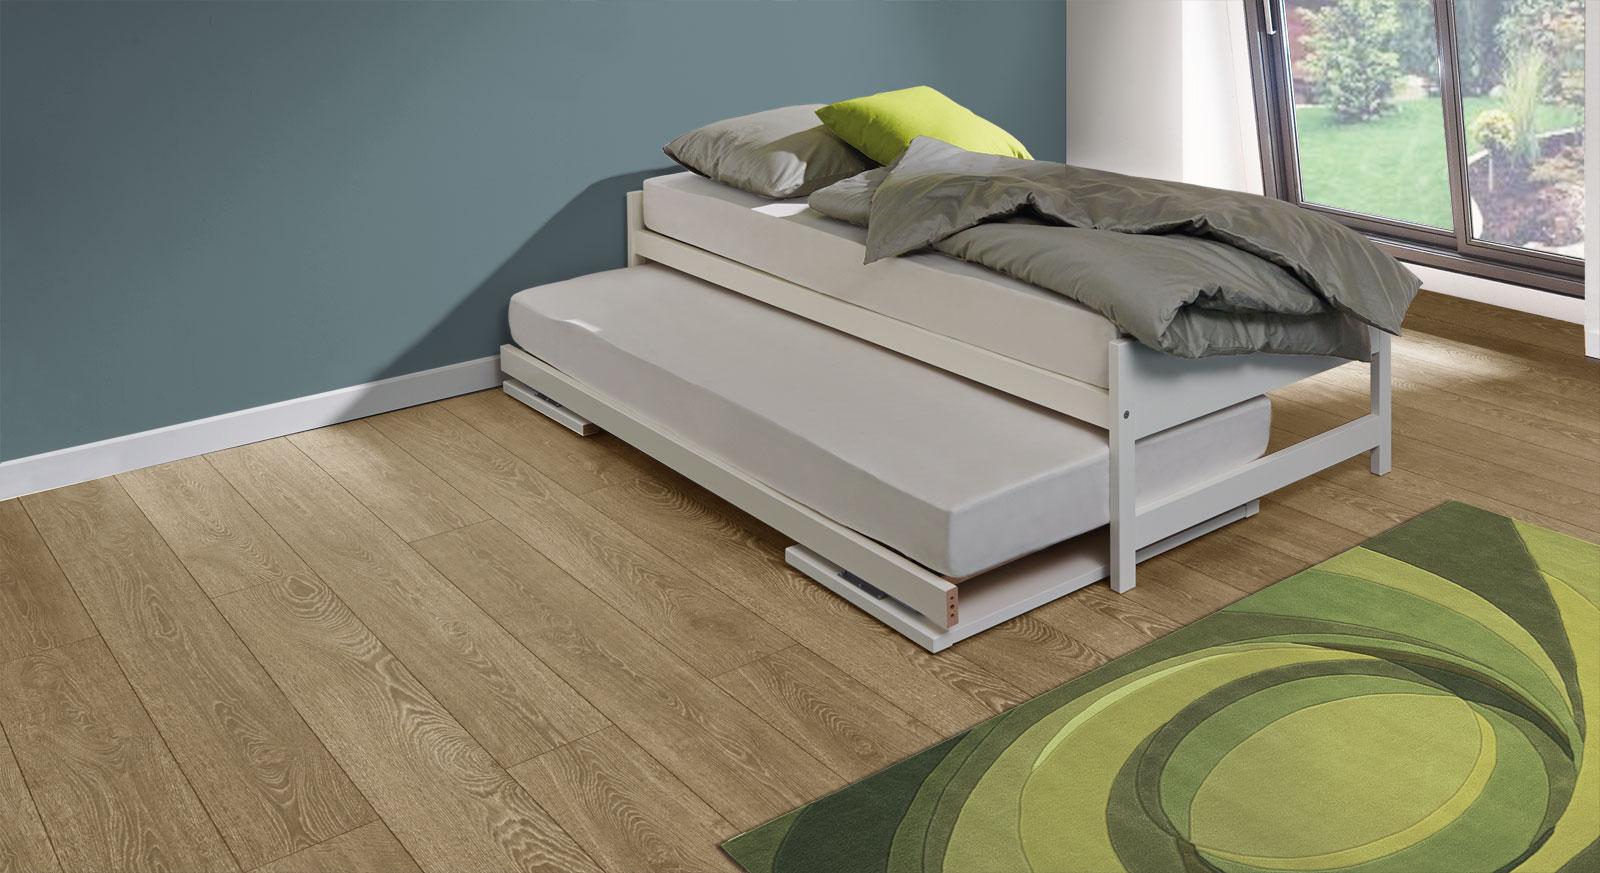 Bett On Top erweist sich dank Unter- und Oberbett als sehr platzsparend